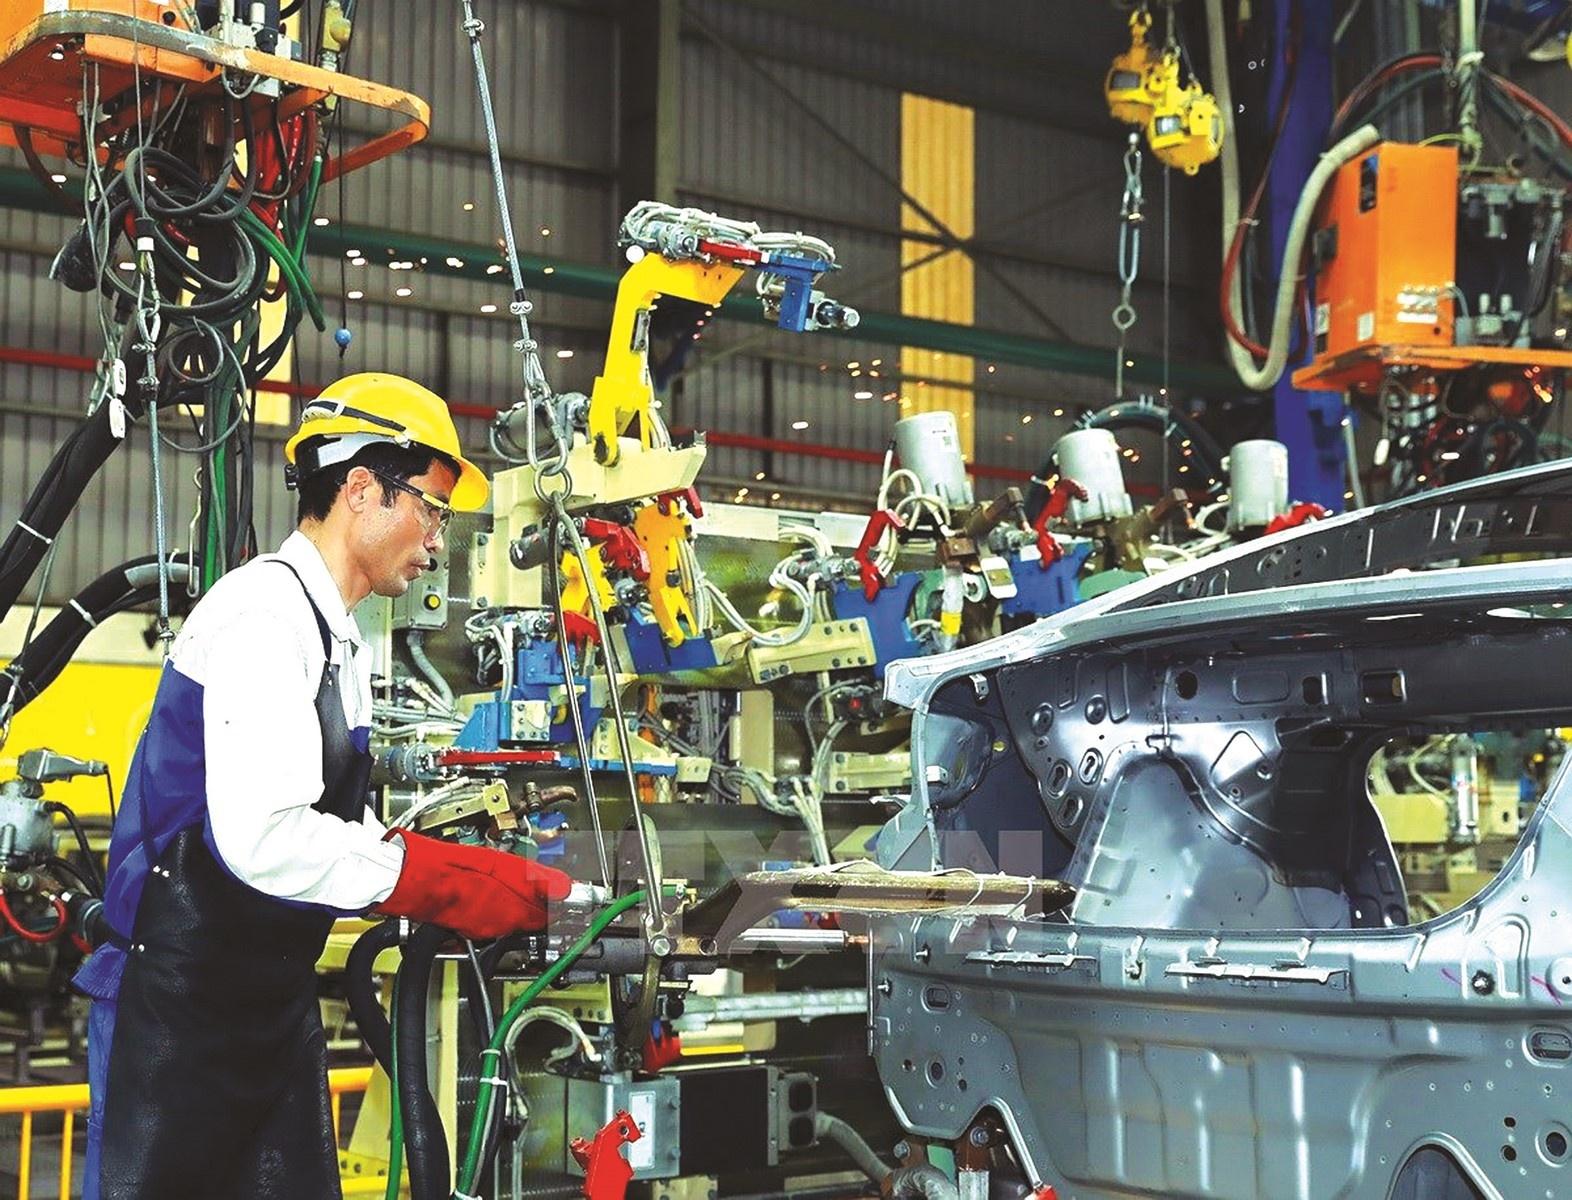 Công nghiệp hỗ trợ: Nắm bắt cơ hội tham gia chuỗi cung ứng toàn cầu